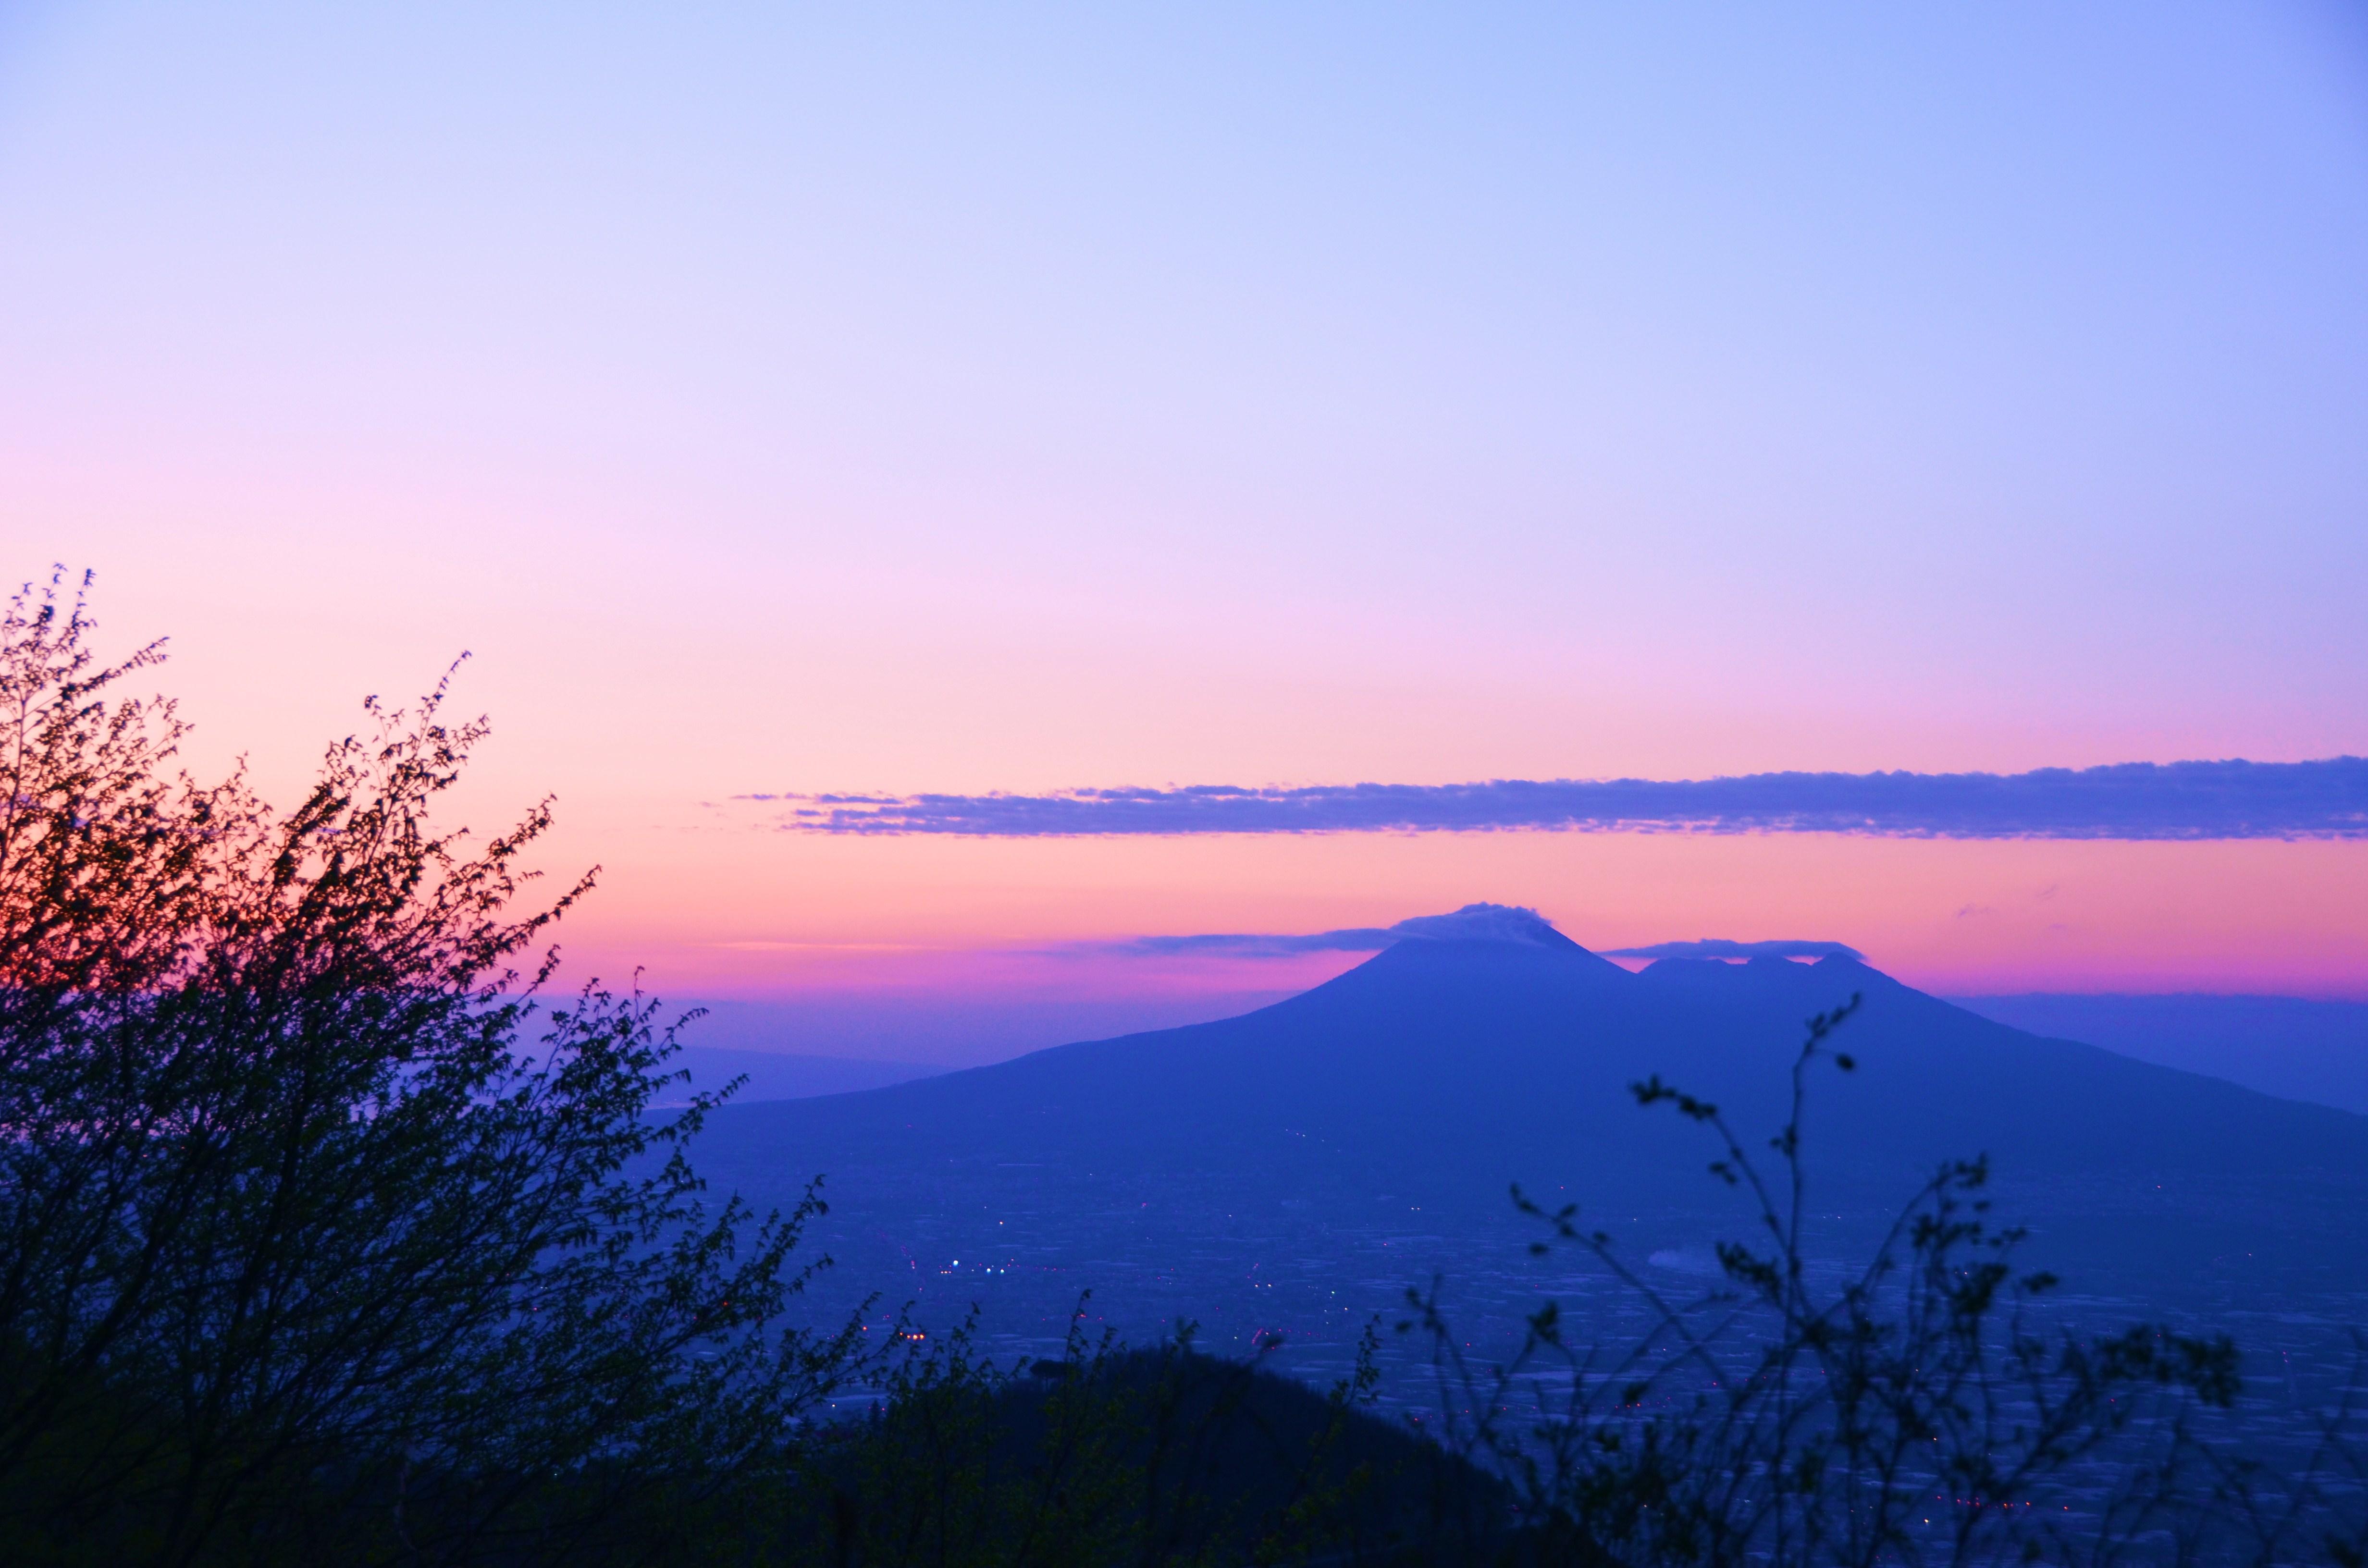 Mt. Vesuvius at sunset, Naples, Italy.